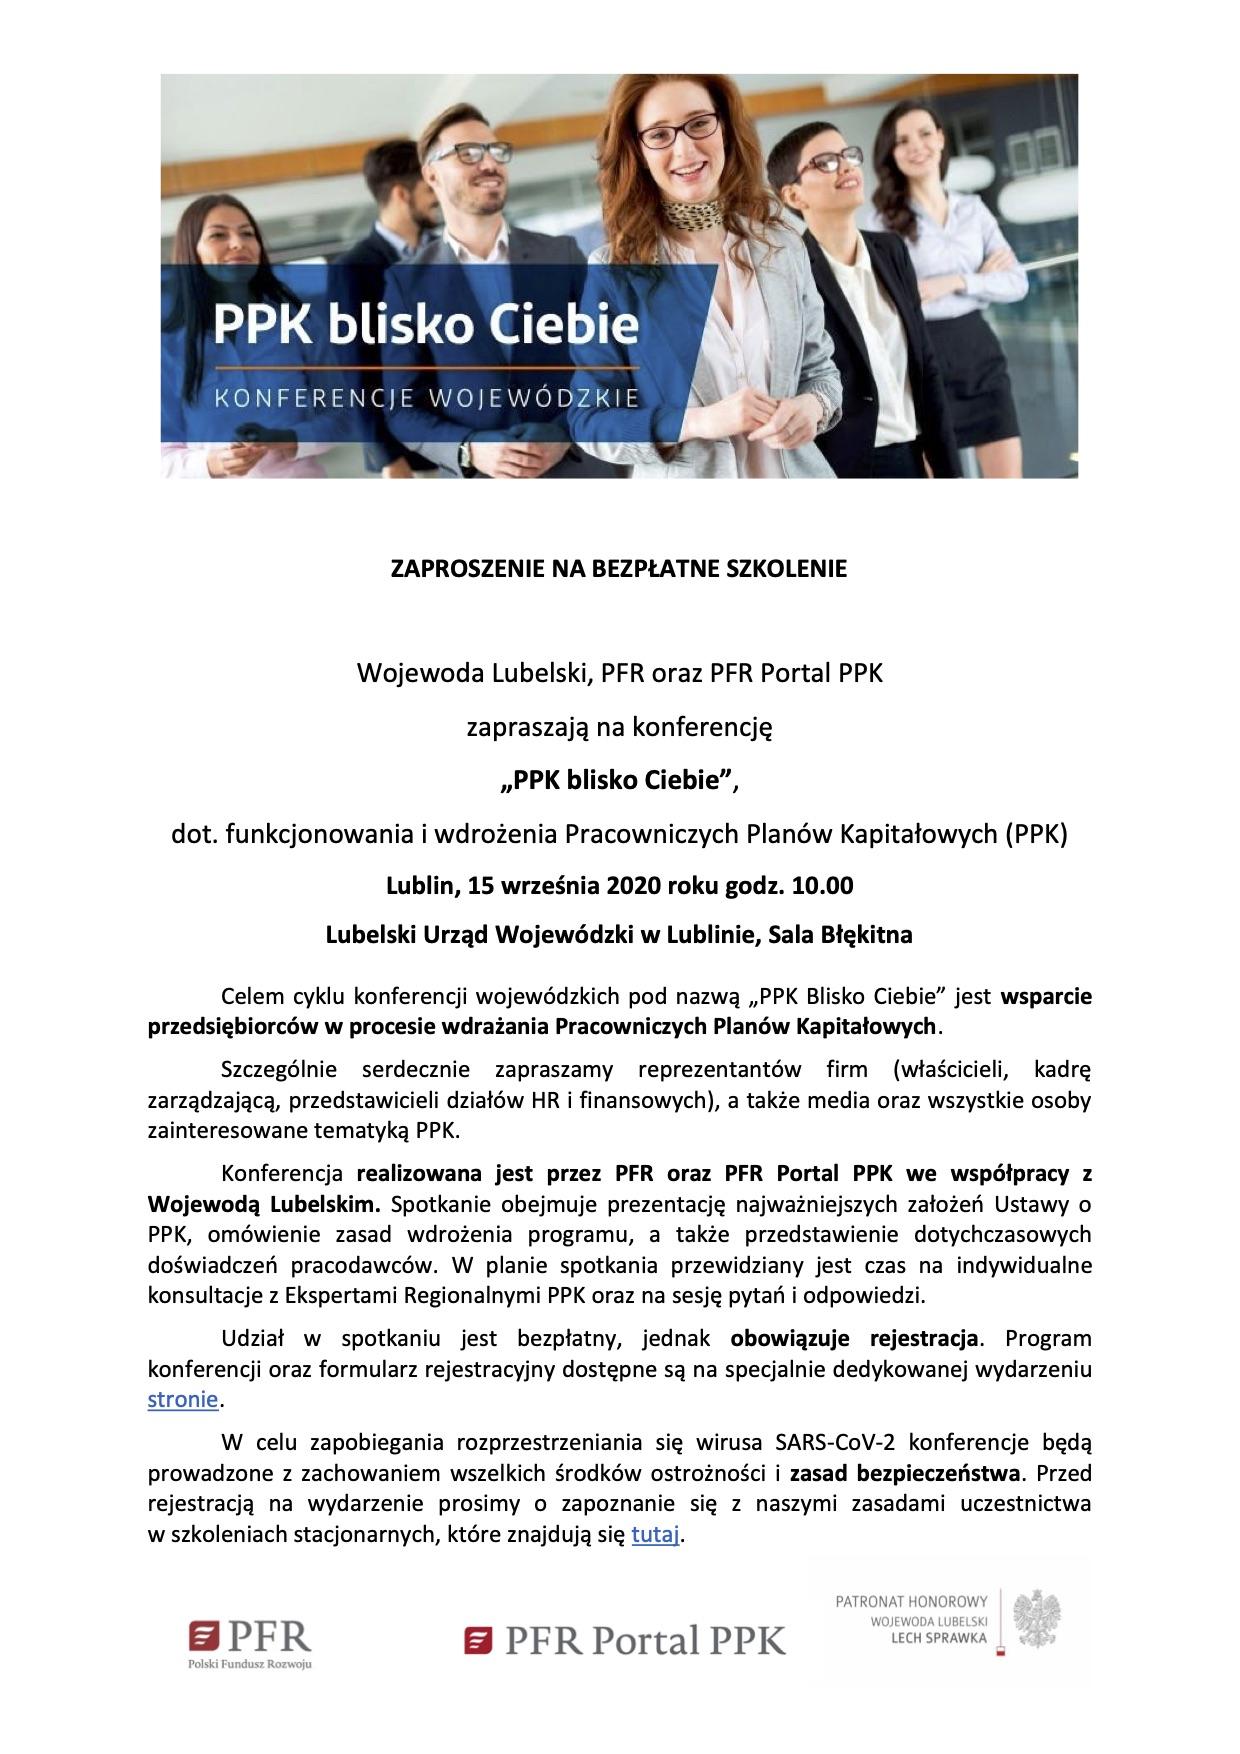 10946 zaproszenie od wojewody lubelskiego Bezpłatne szkolenie dot. Pracowniczych Planów Kapitałowych